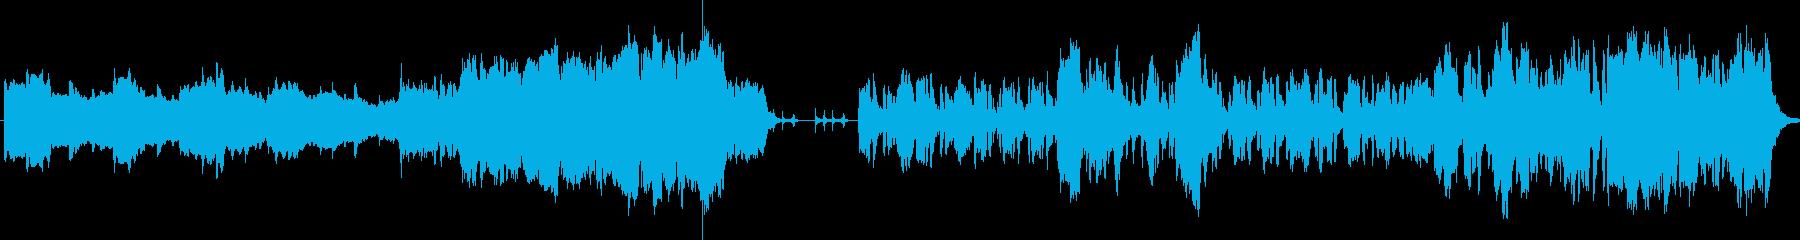 わくわくする物語によく合うコミカルな音楽の再生済みの波形